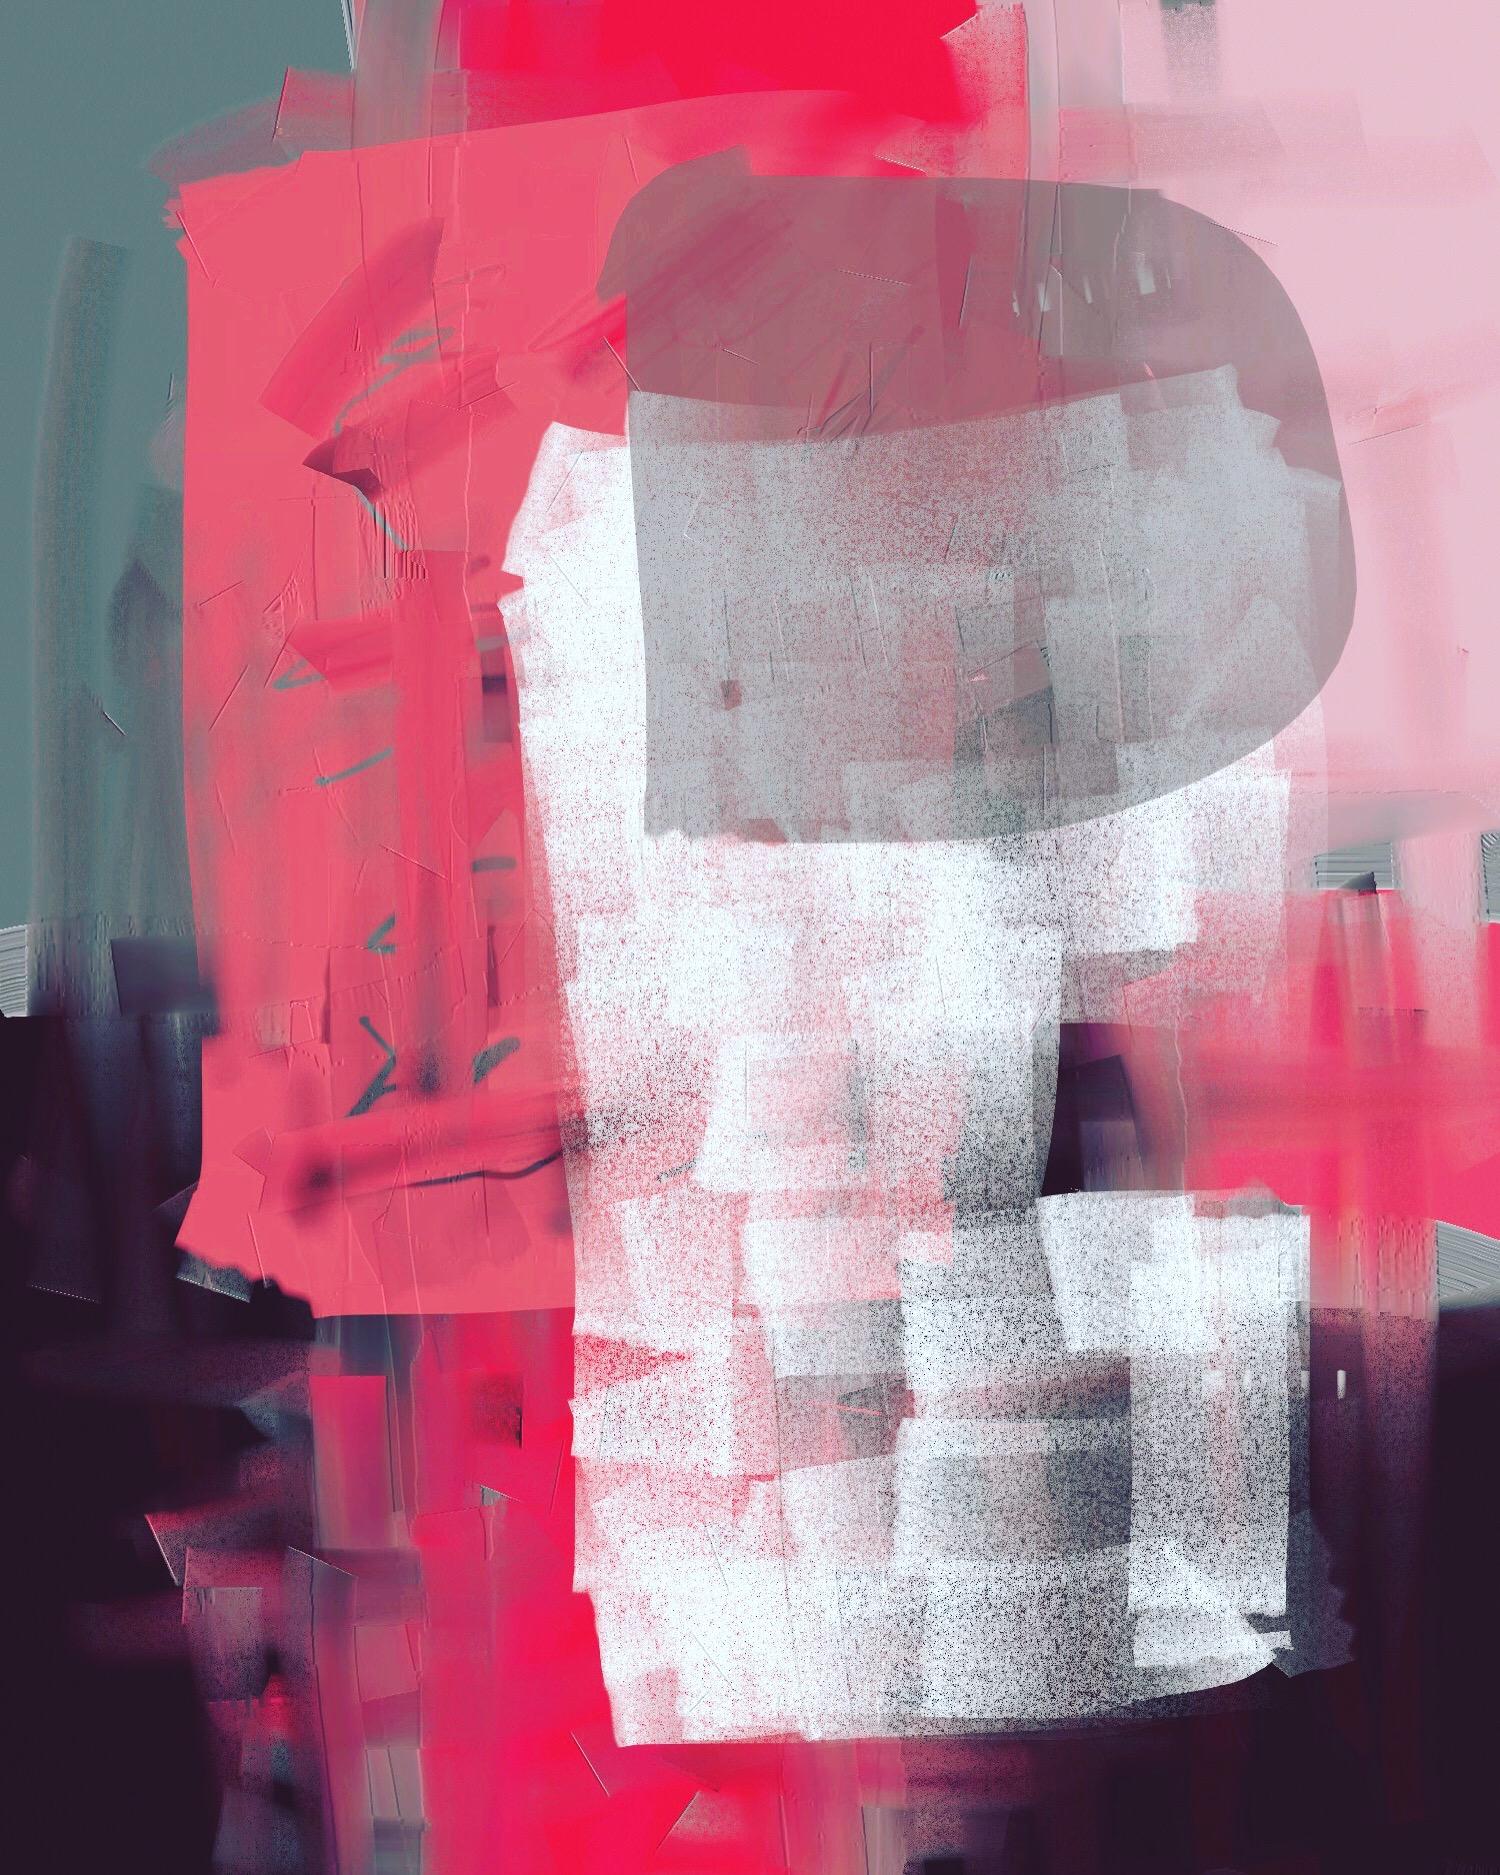 Violet Oon Abstract(2019) iPad creation